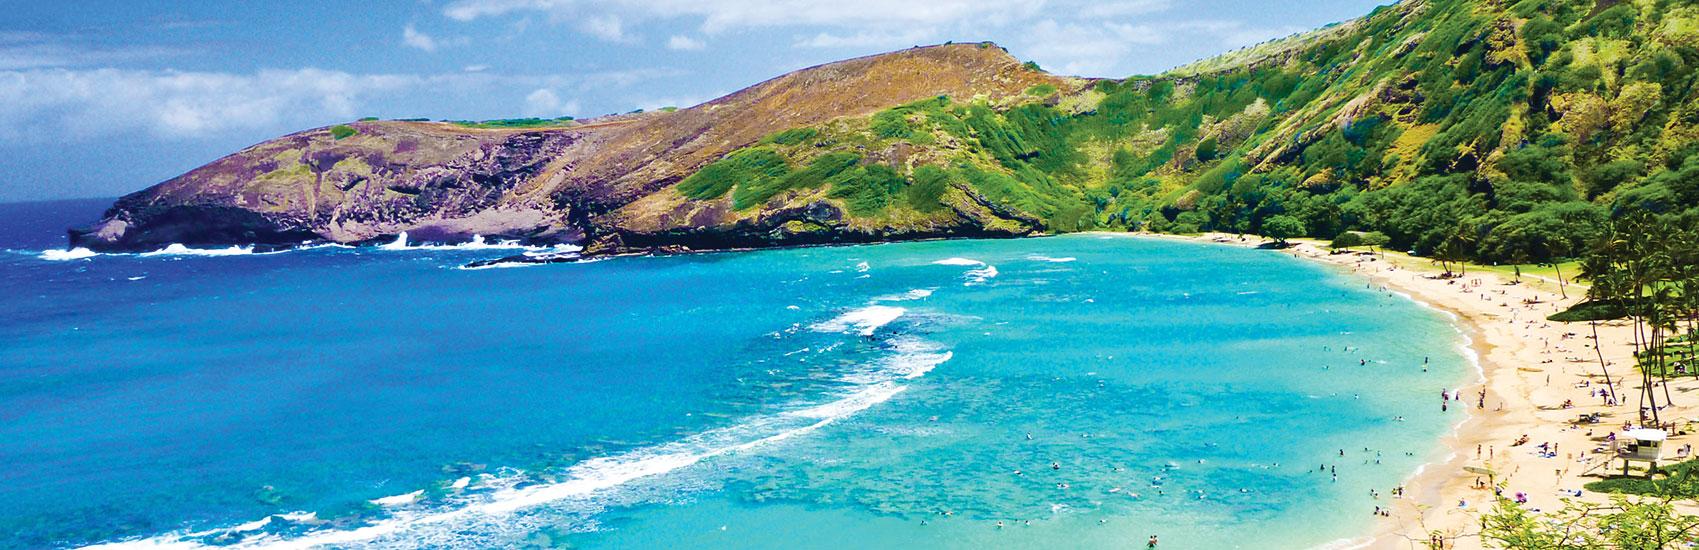 Économisez sur les voyages à Hawaï avec Pleasant Holidays 4